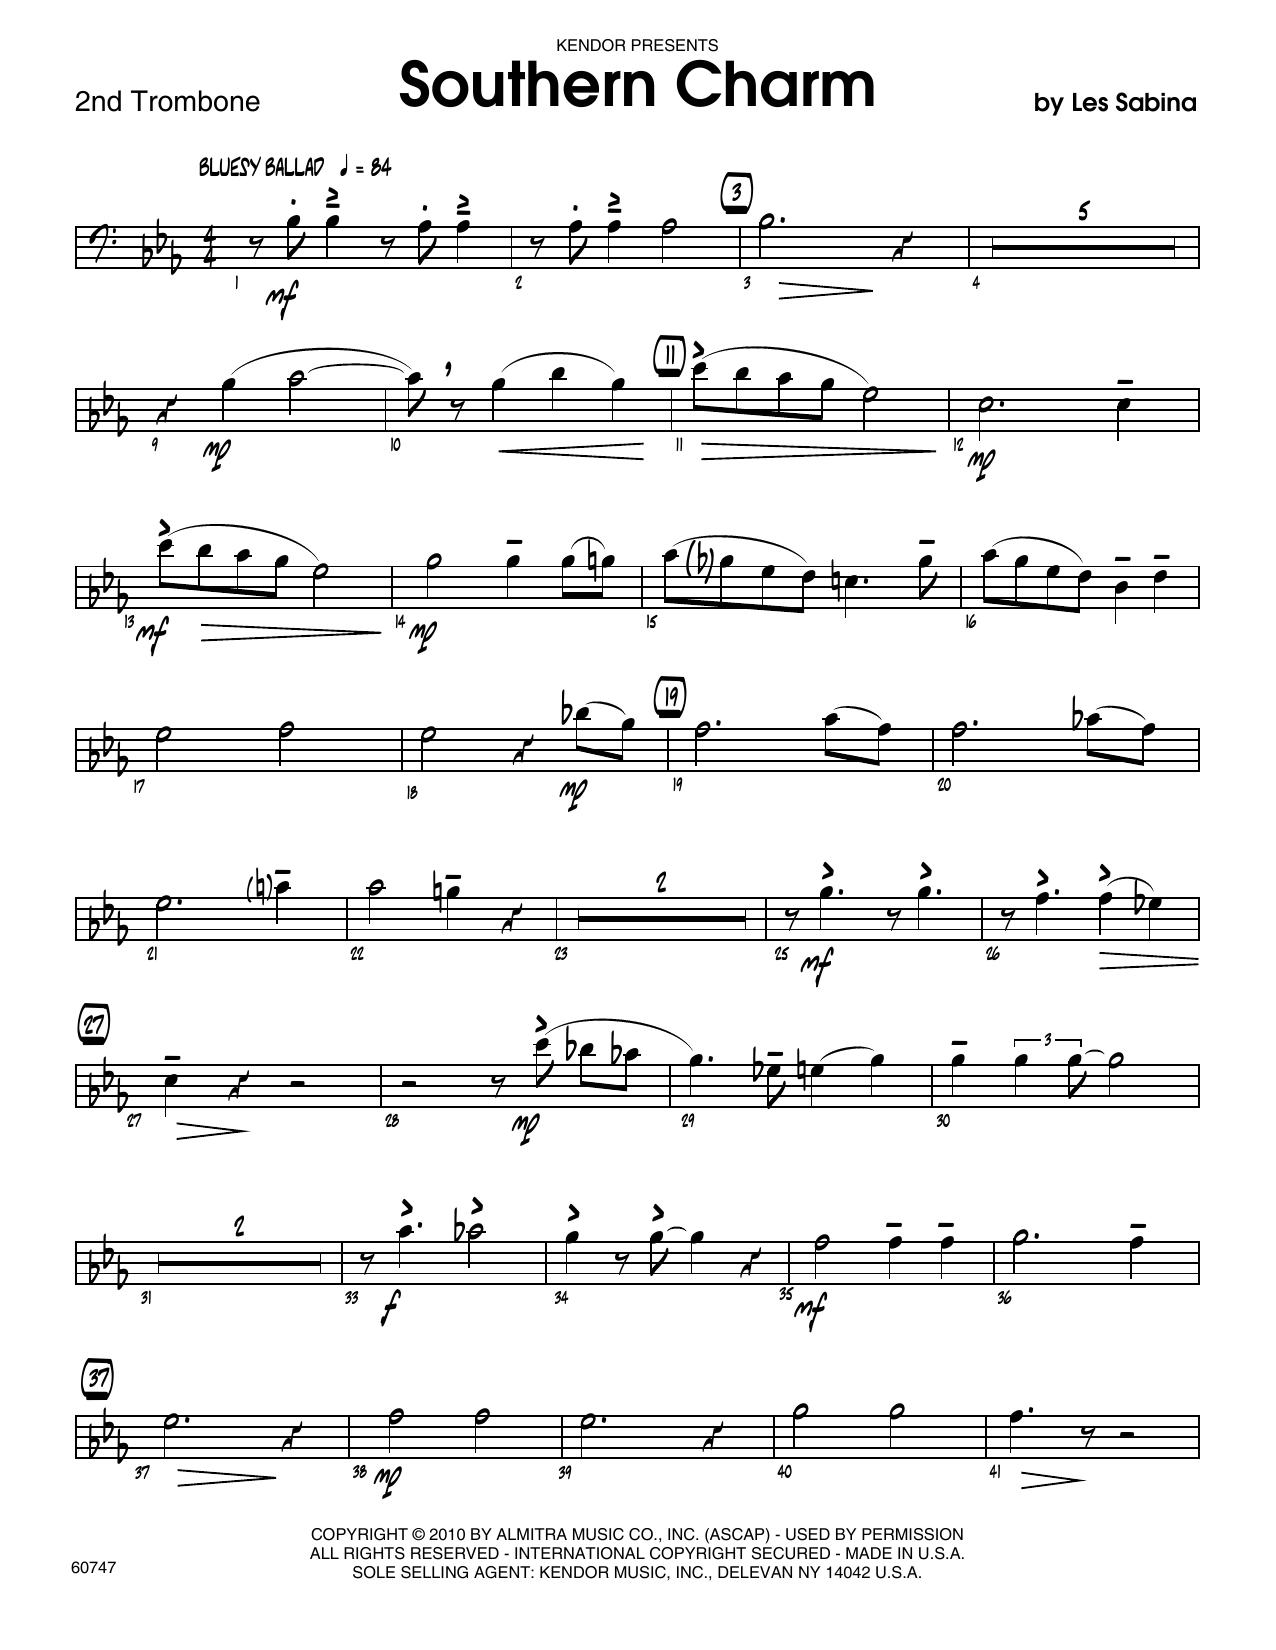 Southern Charm - 2nd Trombone Sheet Music